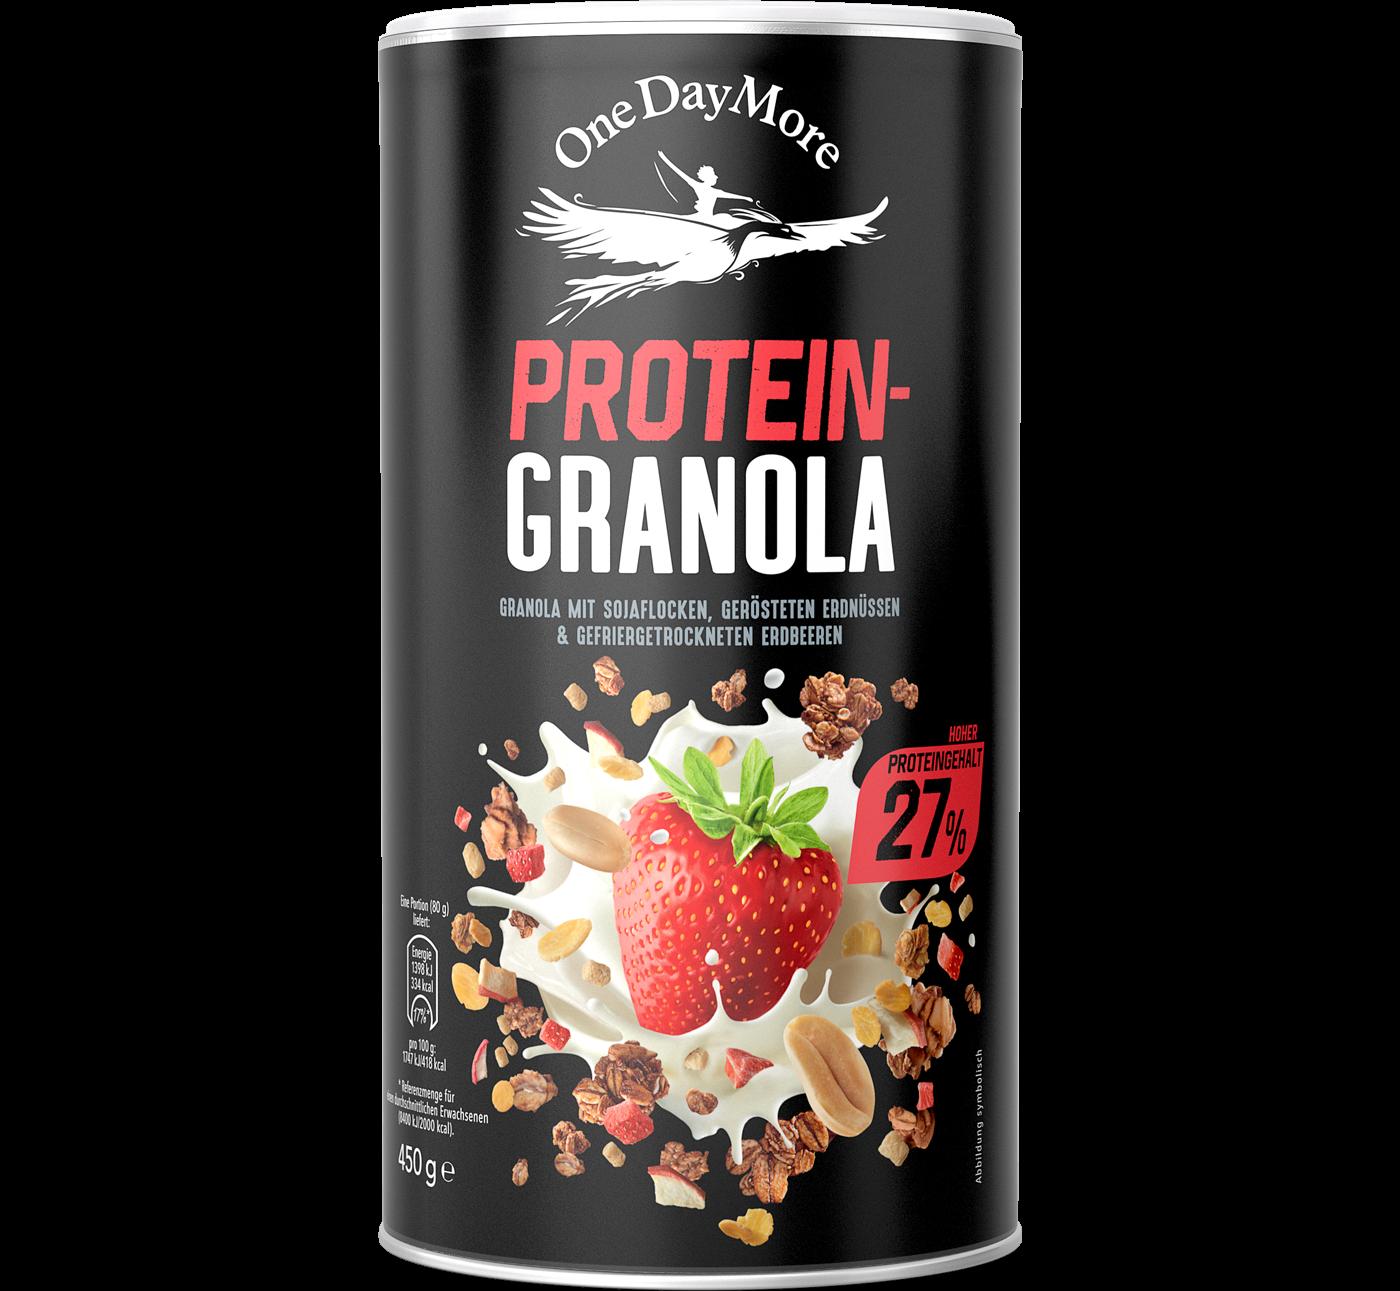 protein-granola-onedaymore-1400×1291